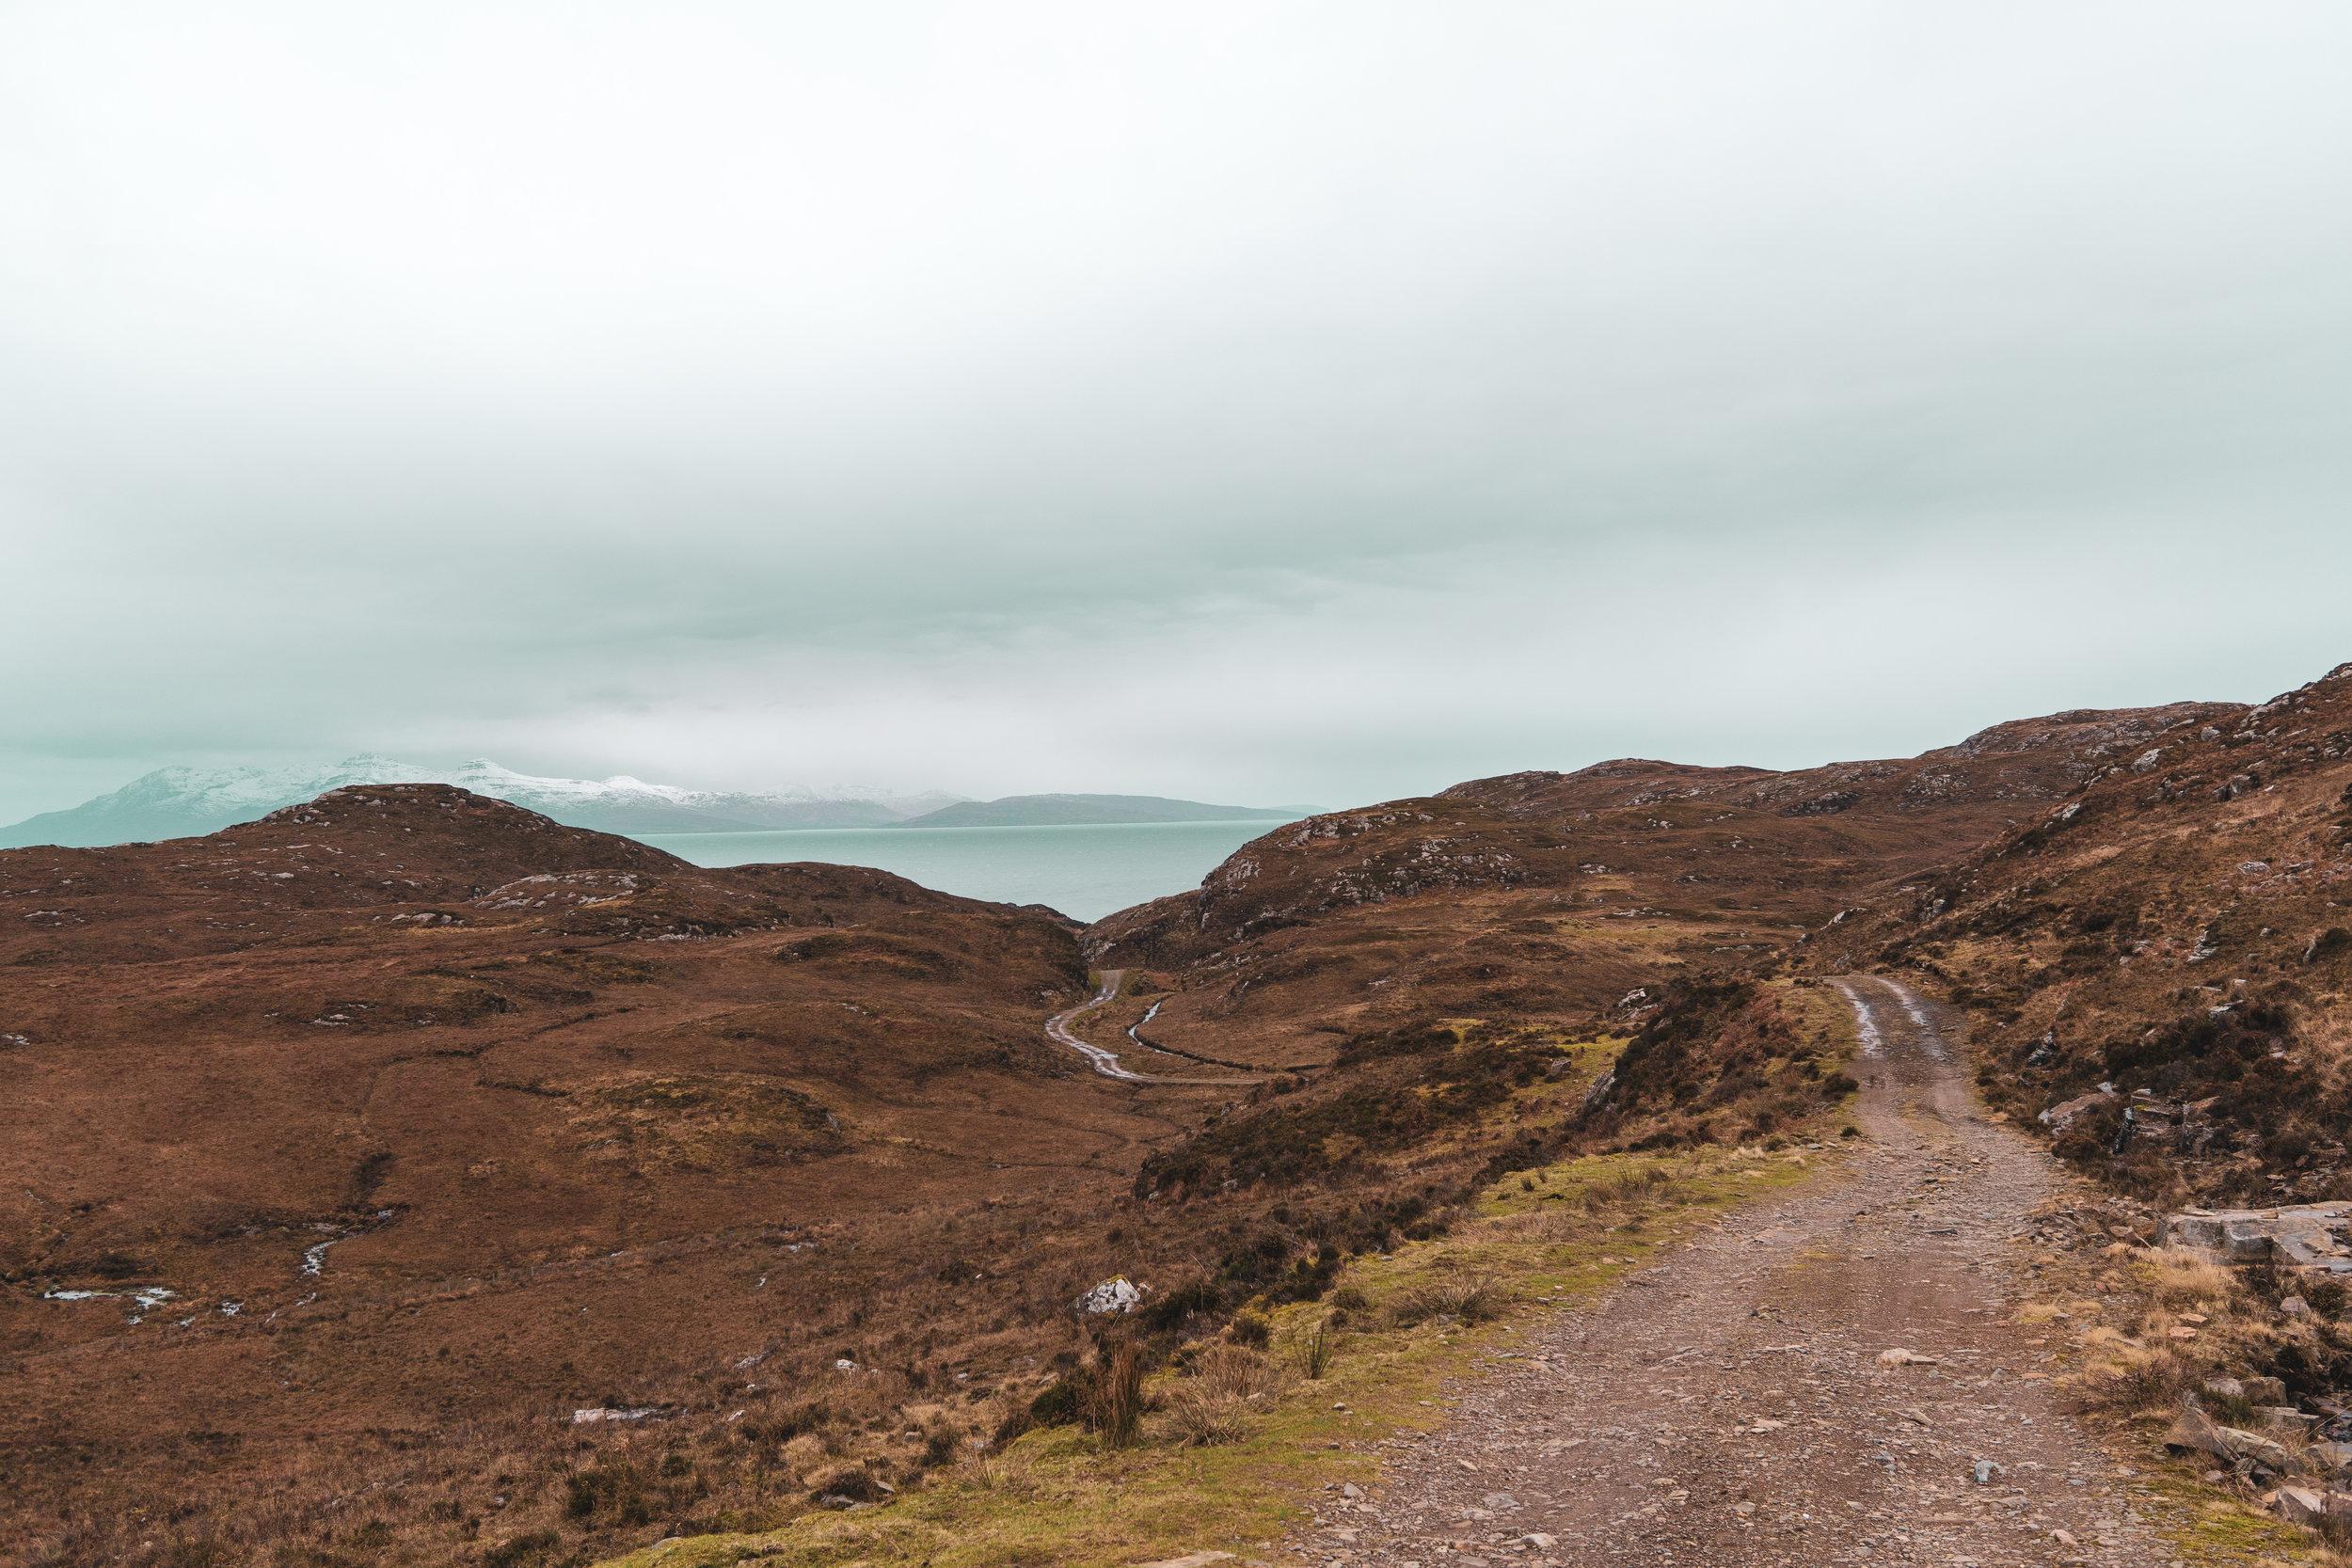 Isle-of-Skye-Point-of-Sleat (10).jpg